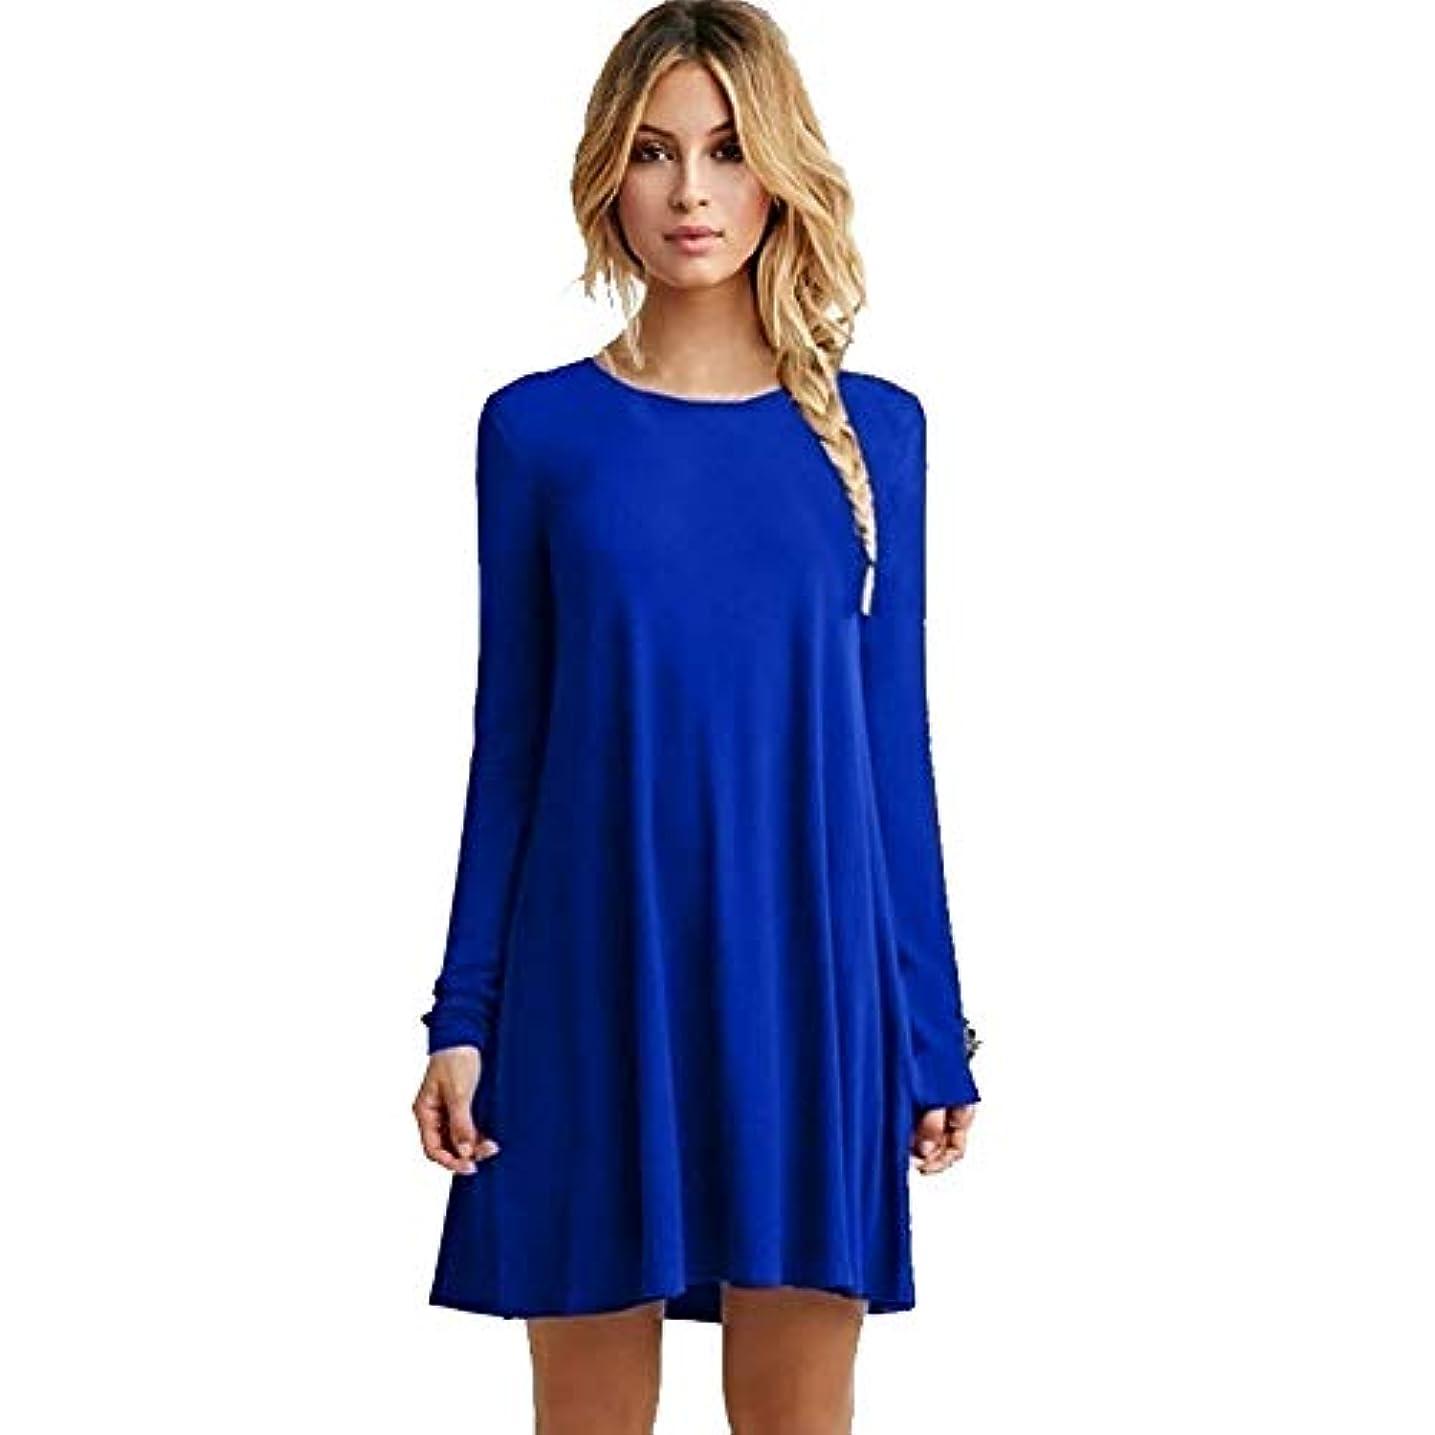 費やすアジア平方MIFANルースドレス、プラスサイズのドレス、長袖のドレス、女性のドレス、秋のドレス、マキシドレス、コットンドレス